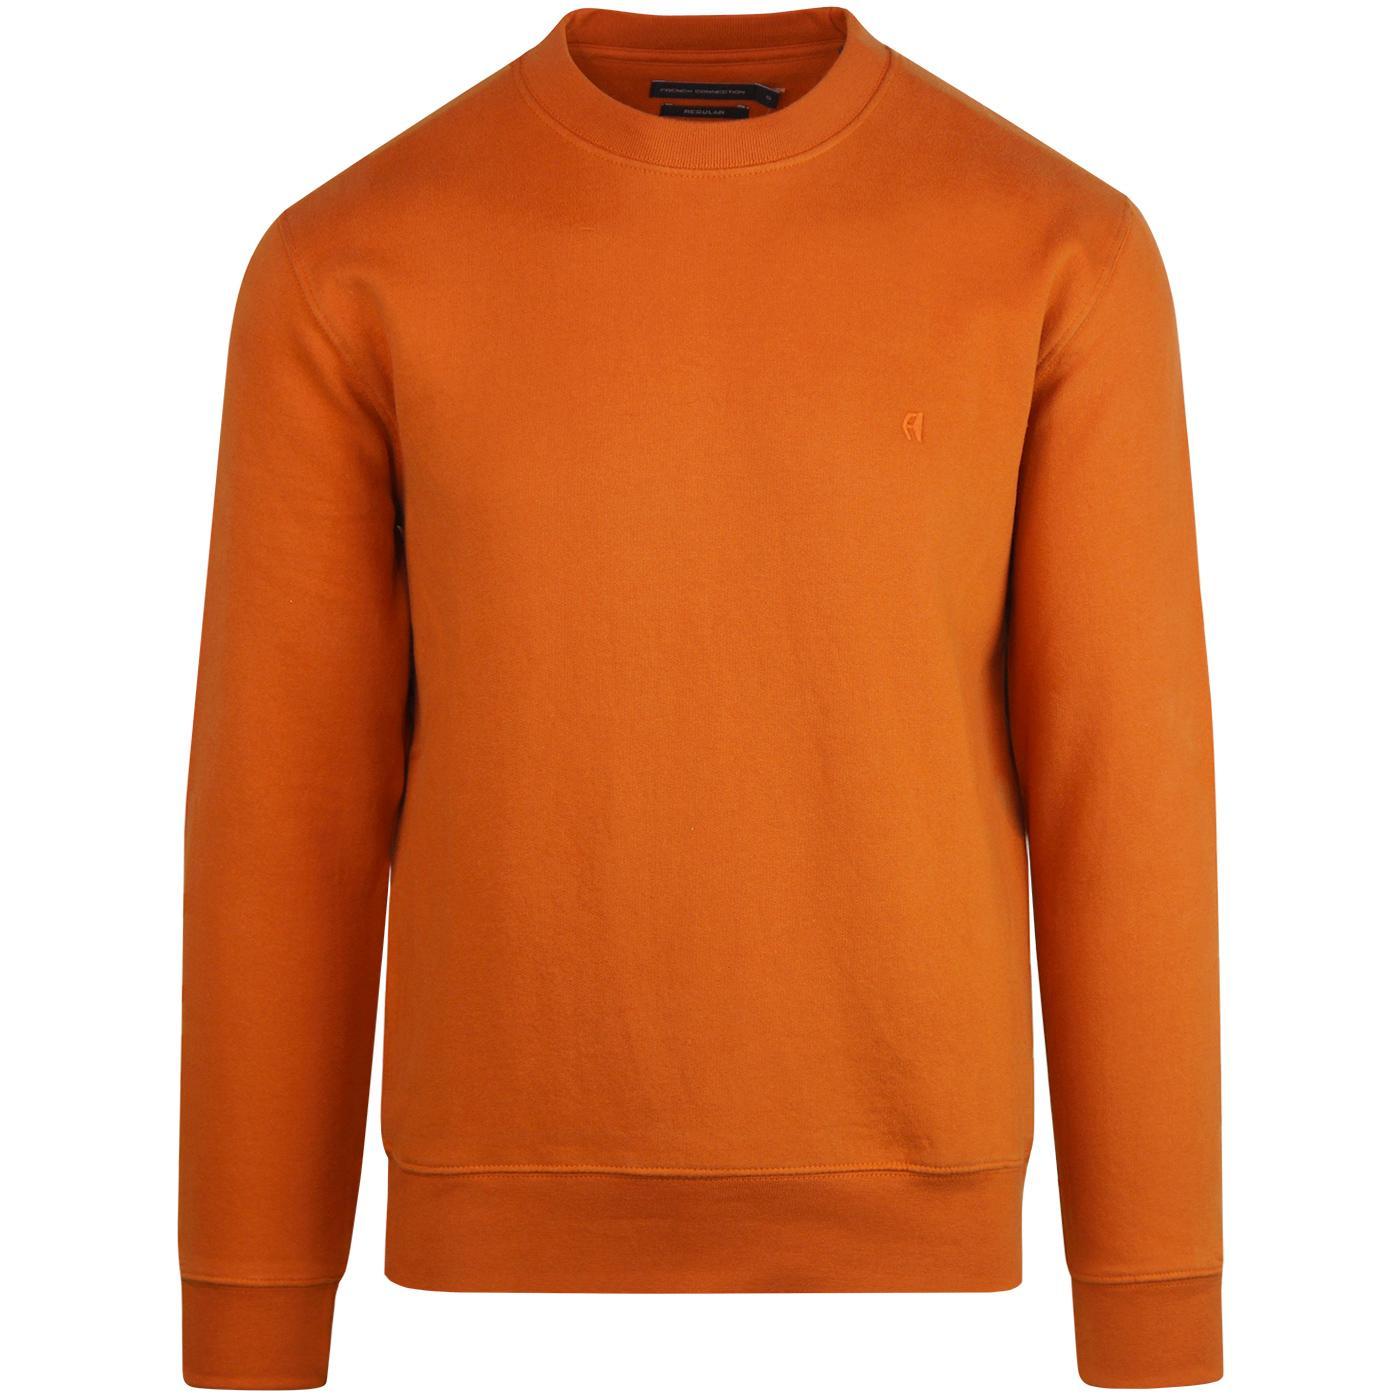 Sunday FRENCH CONNECTION Retro Sweatshirt (Orange)